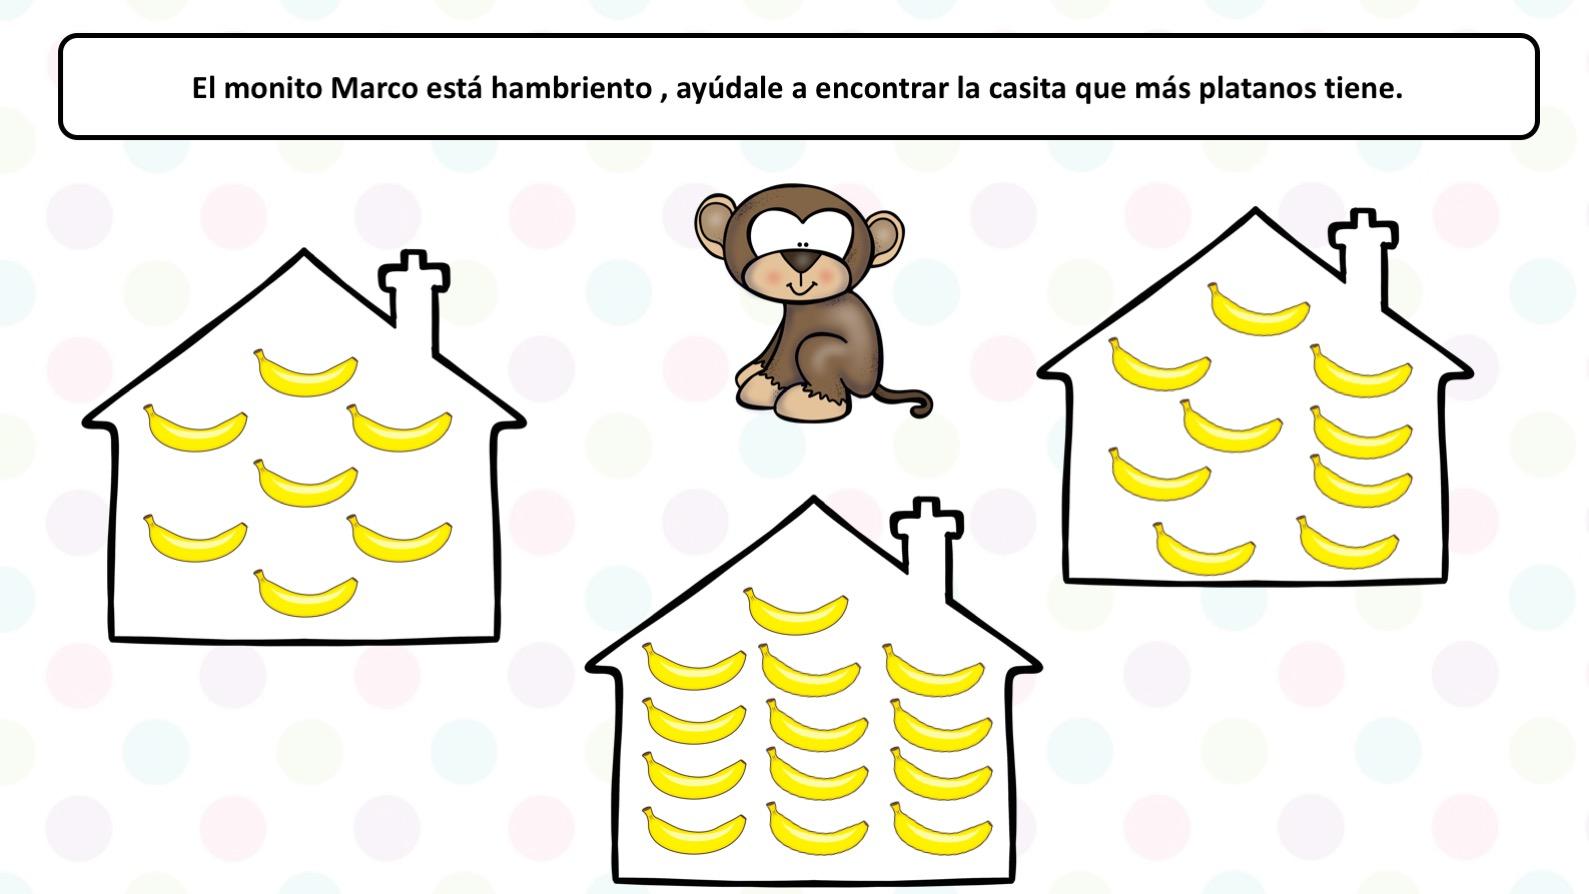 Juegos Matematicos Para Trabajar El Conteo 10 Orientacion Andujar